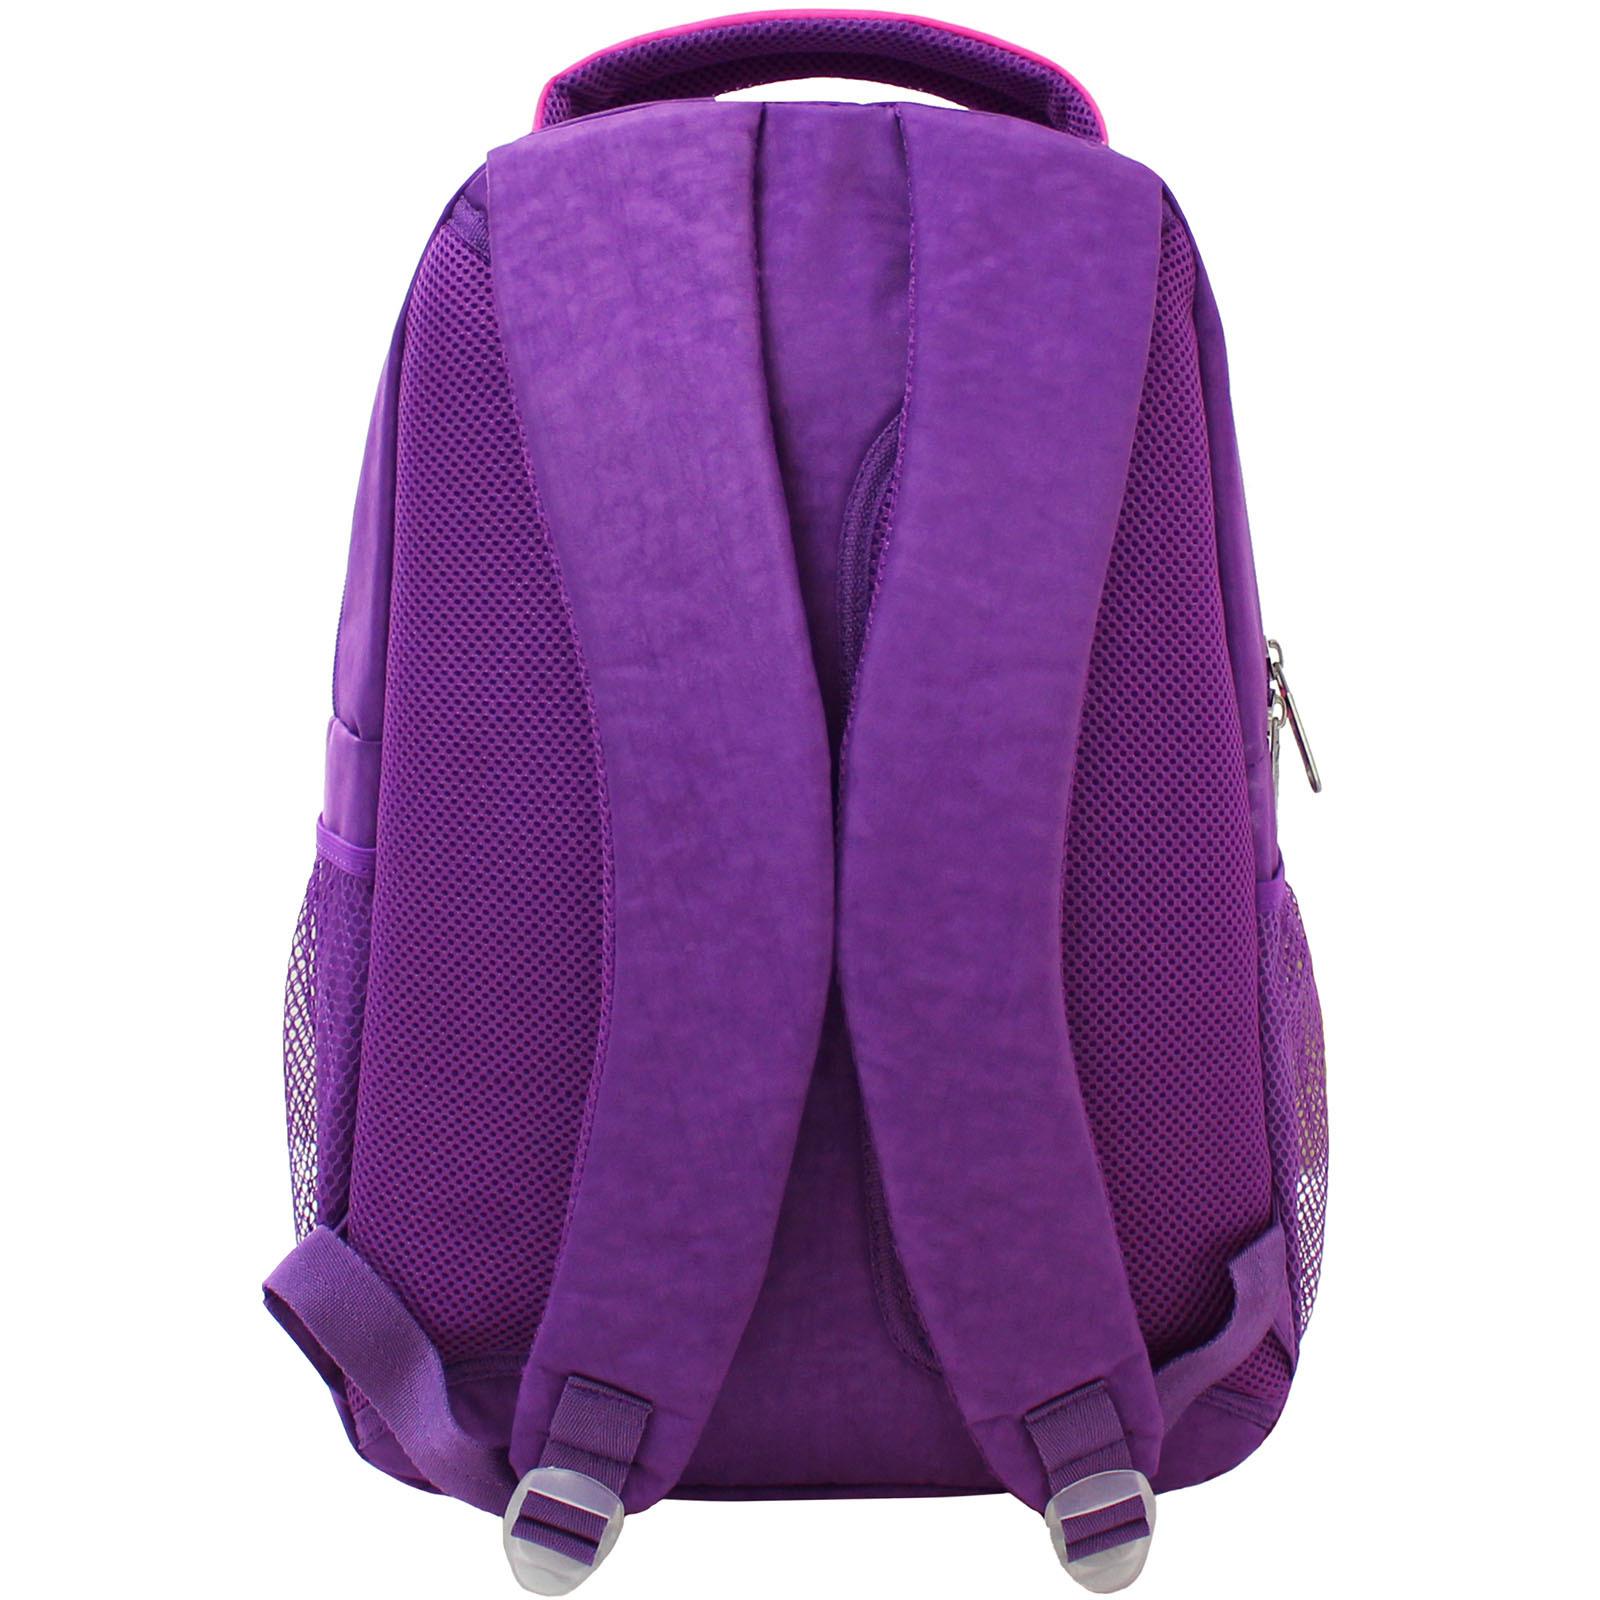 Рюкзак Bagland Лик 21 л. Фиолетовый/розовый (0055770) фото 3